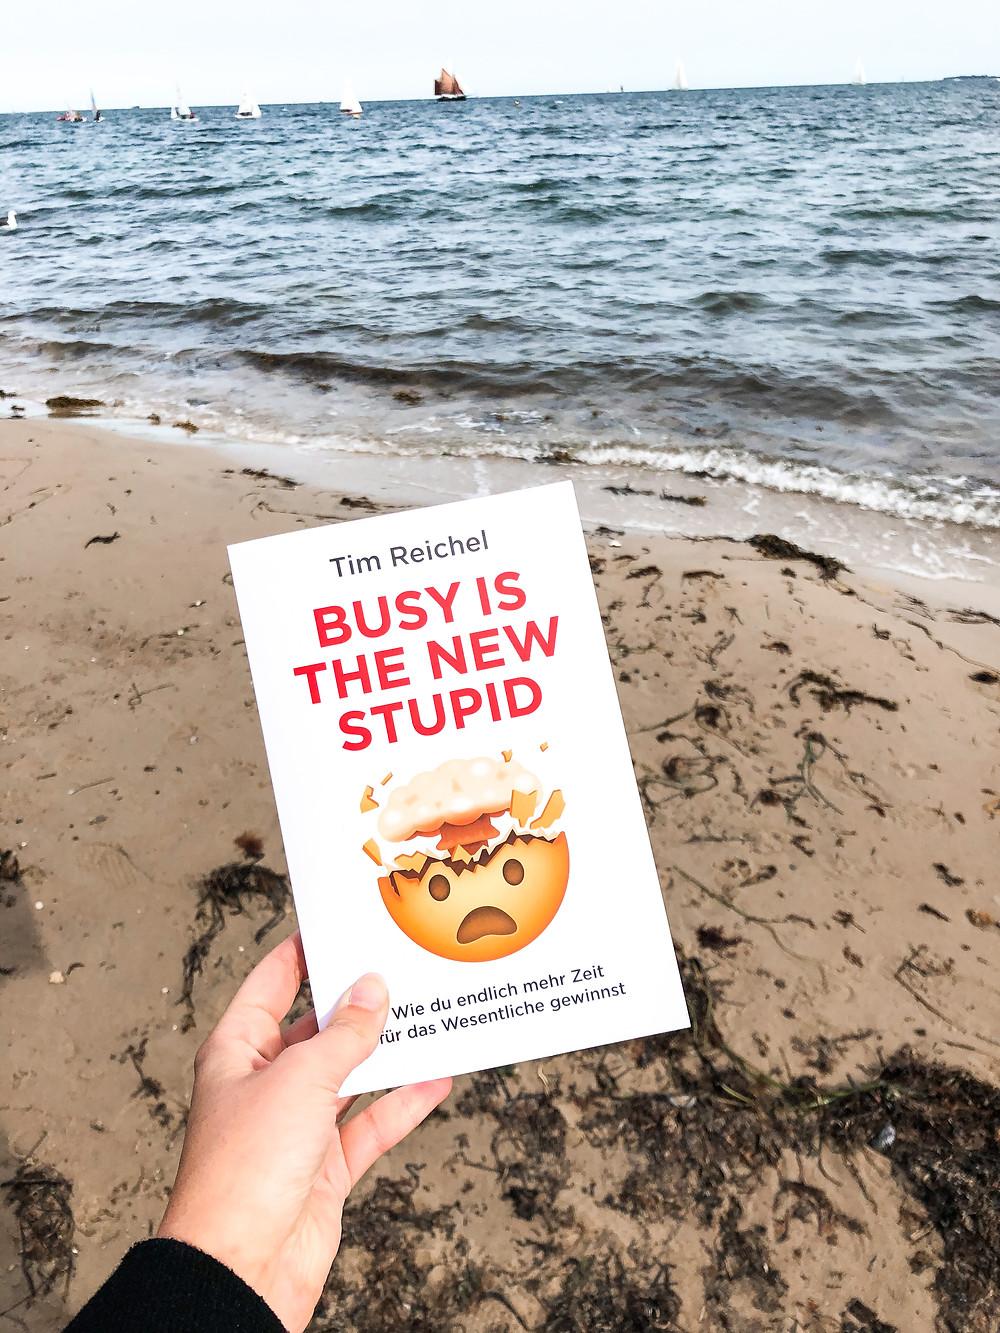 In Busy is the new stupid erhält man Tipps und Tricks, wie man es schaffen kann, in der heutigen schnelllebigen Welt fokussierter und konzentrierter zu sein und wirkliche Produktivität zu erreichen.